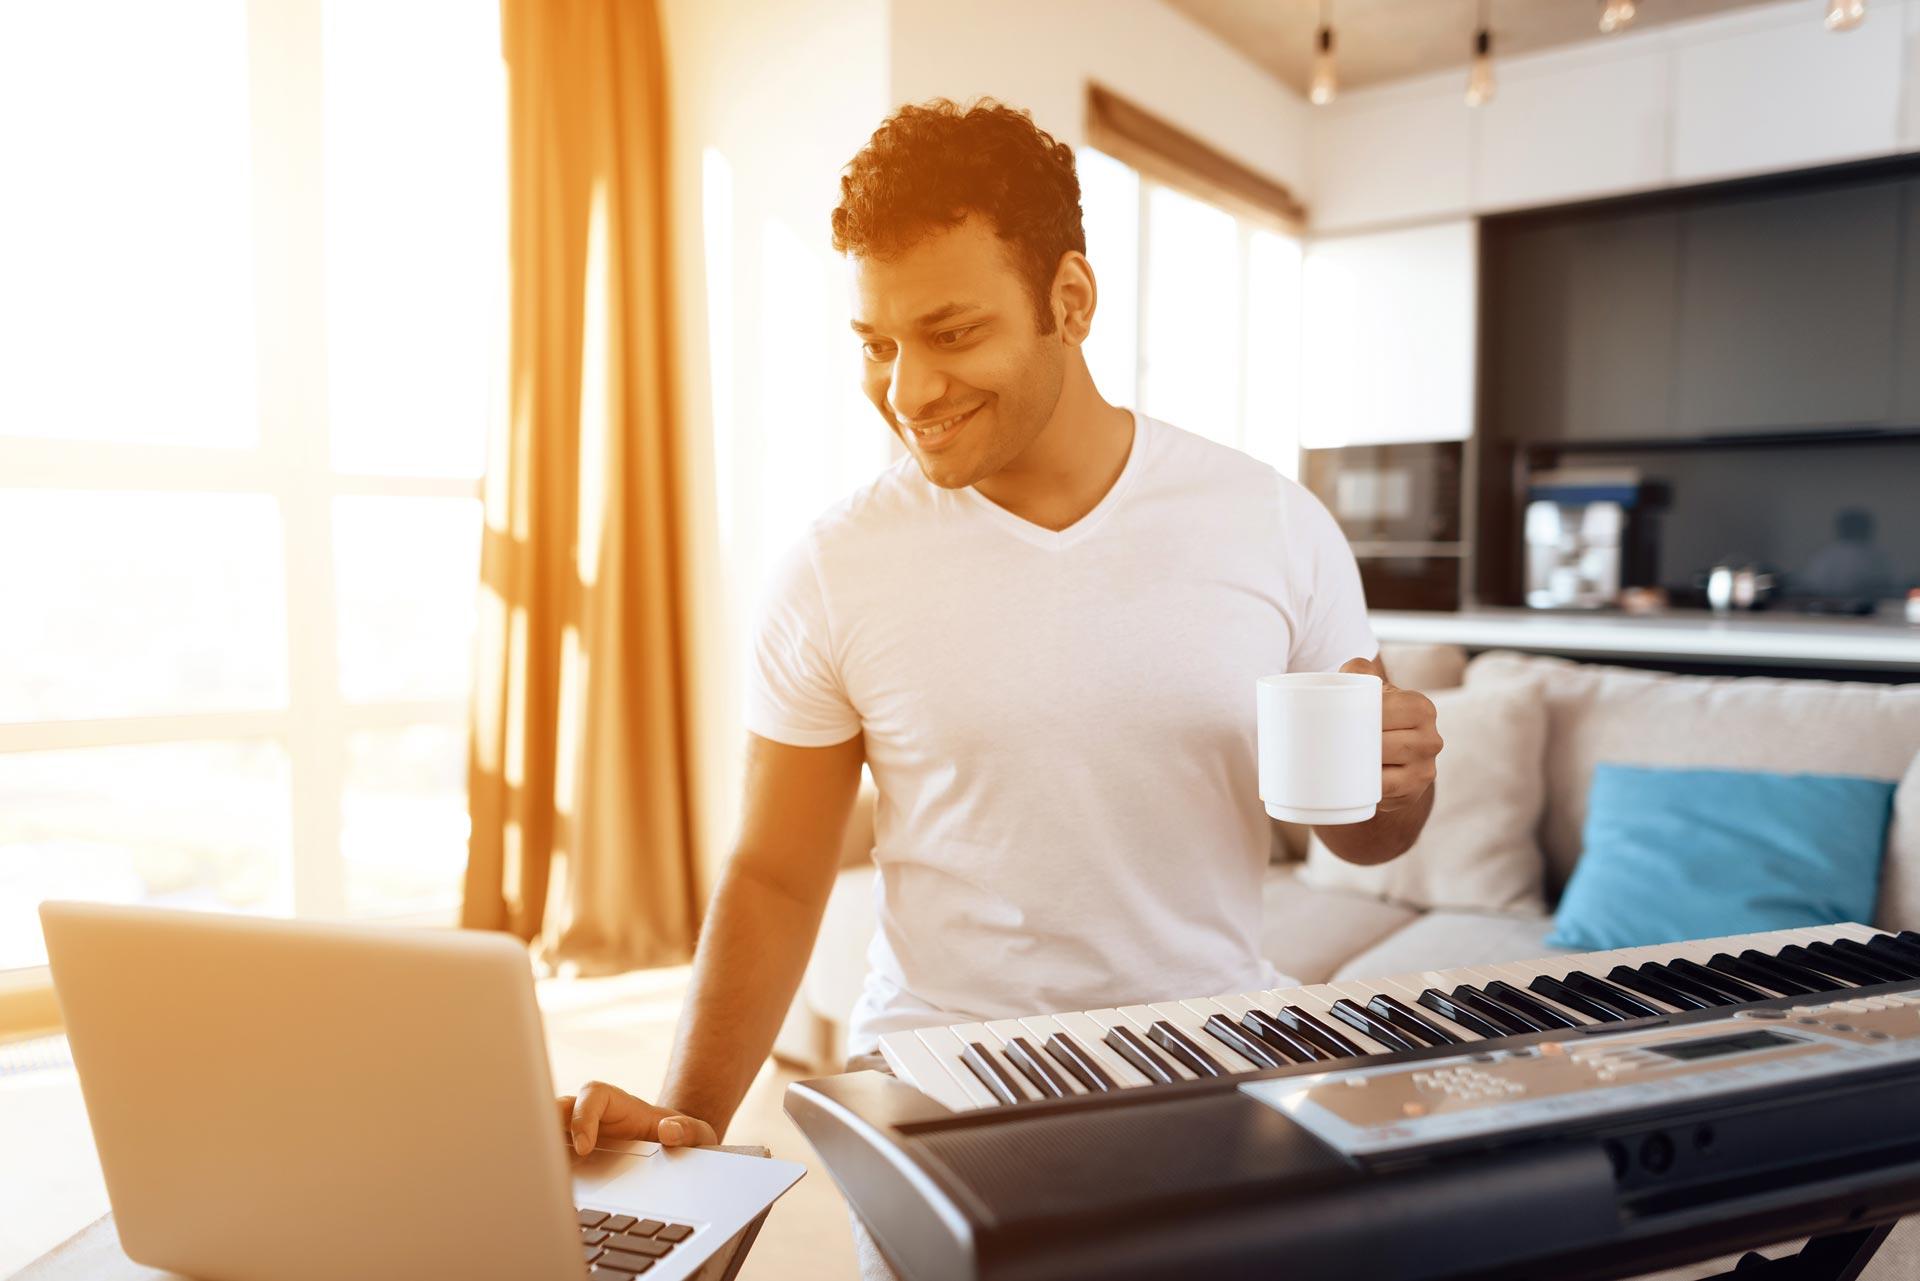 Volwassen man die keyboard en computer speelt